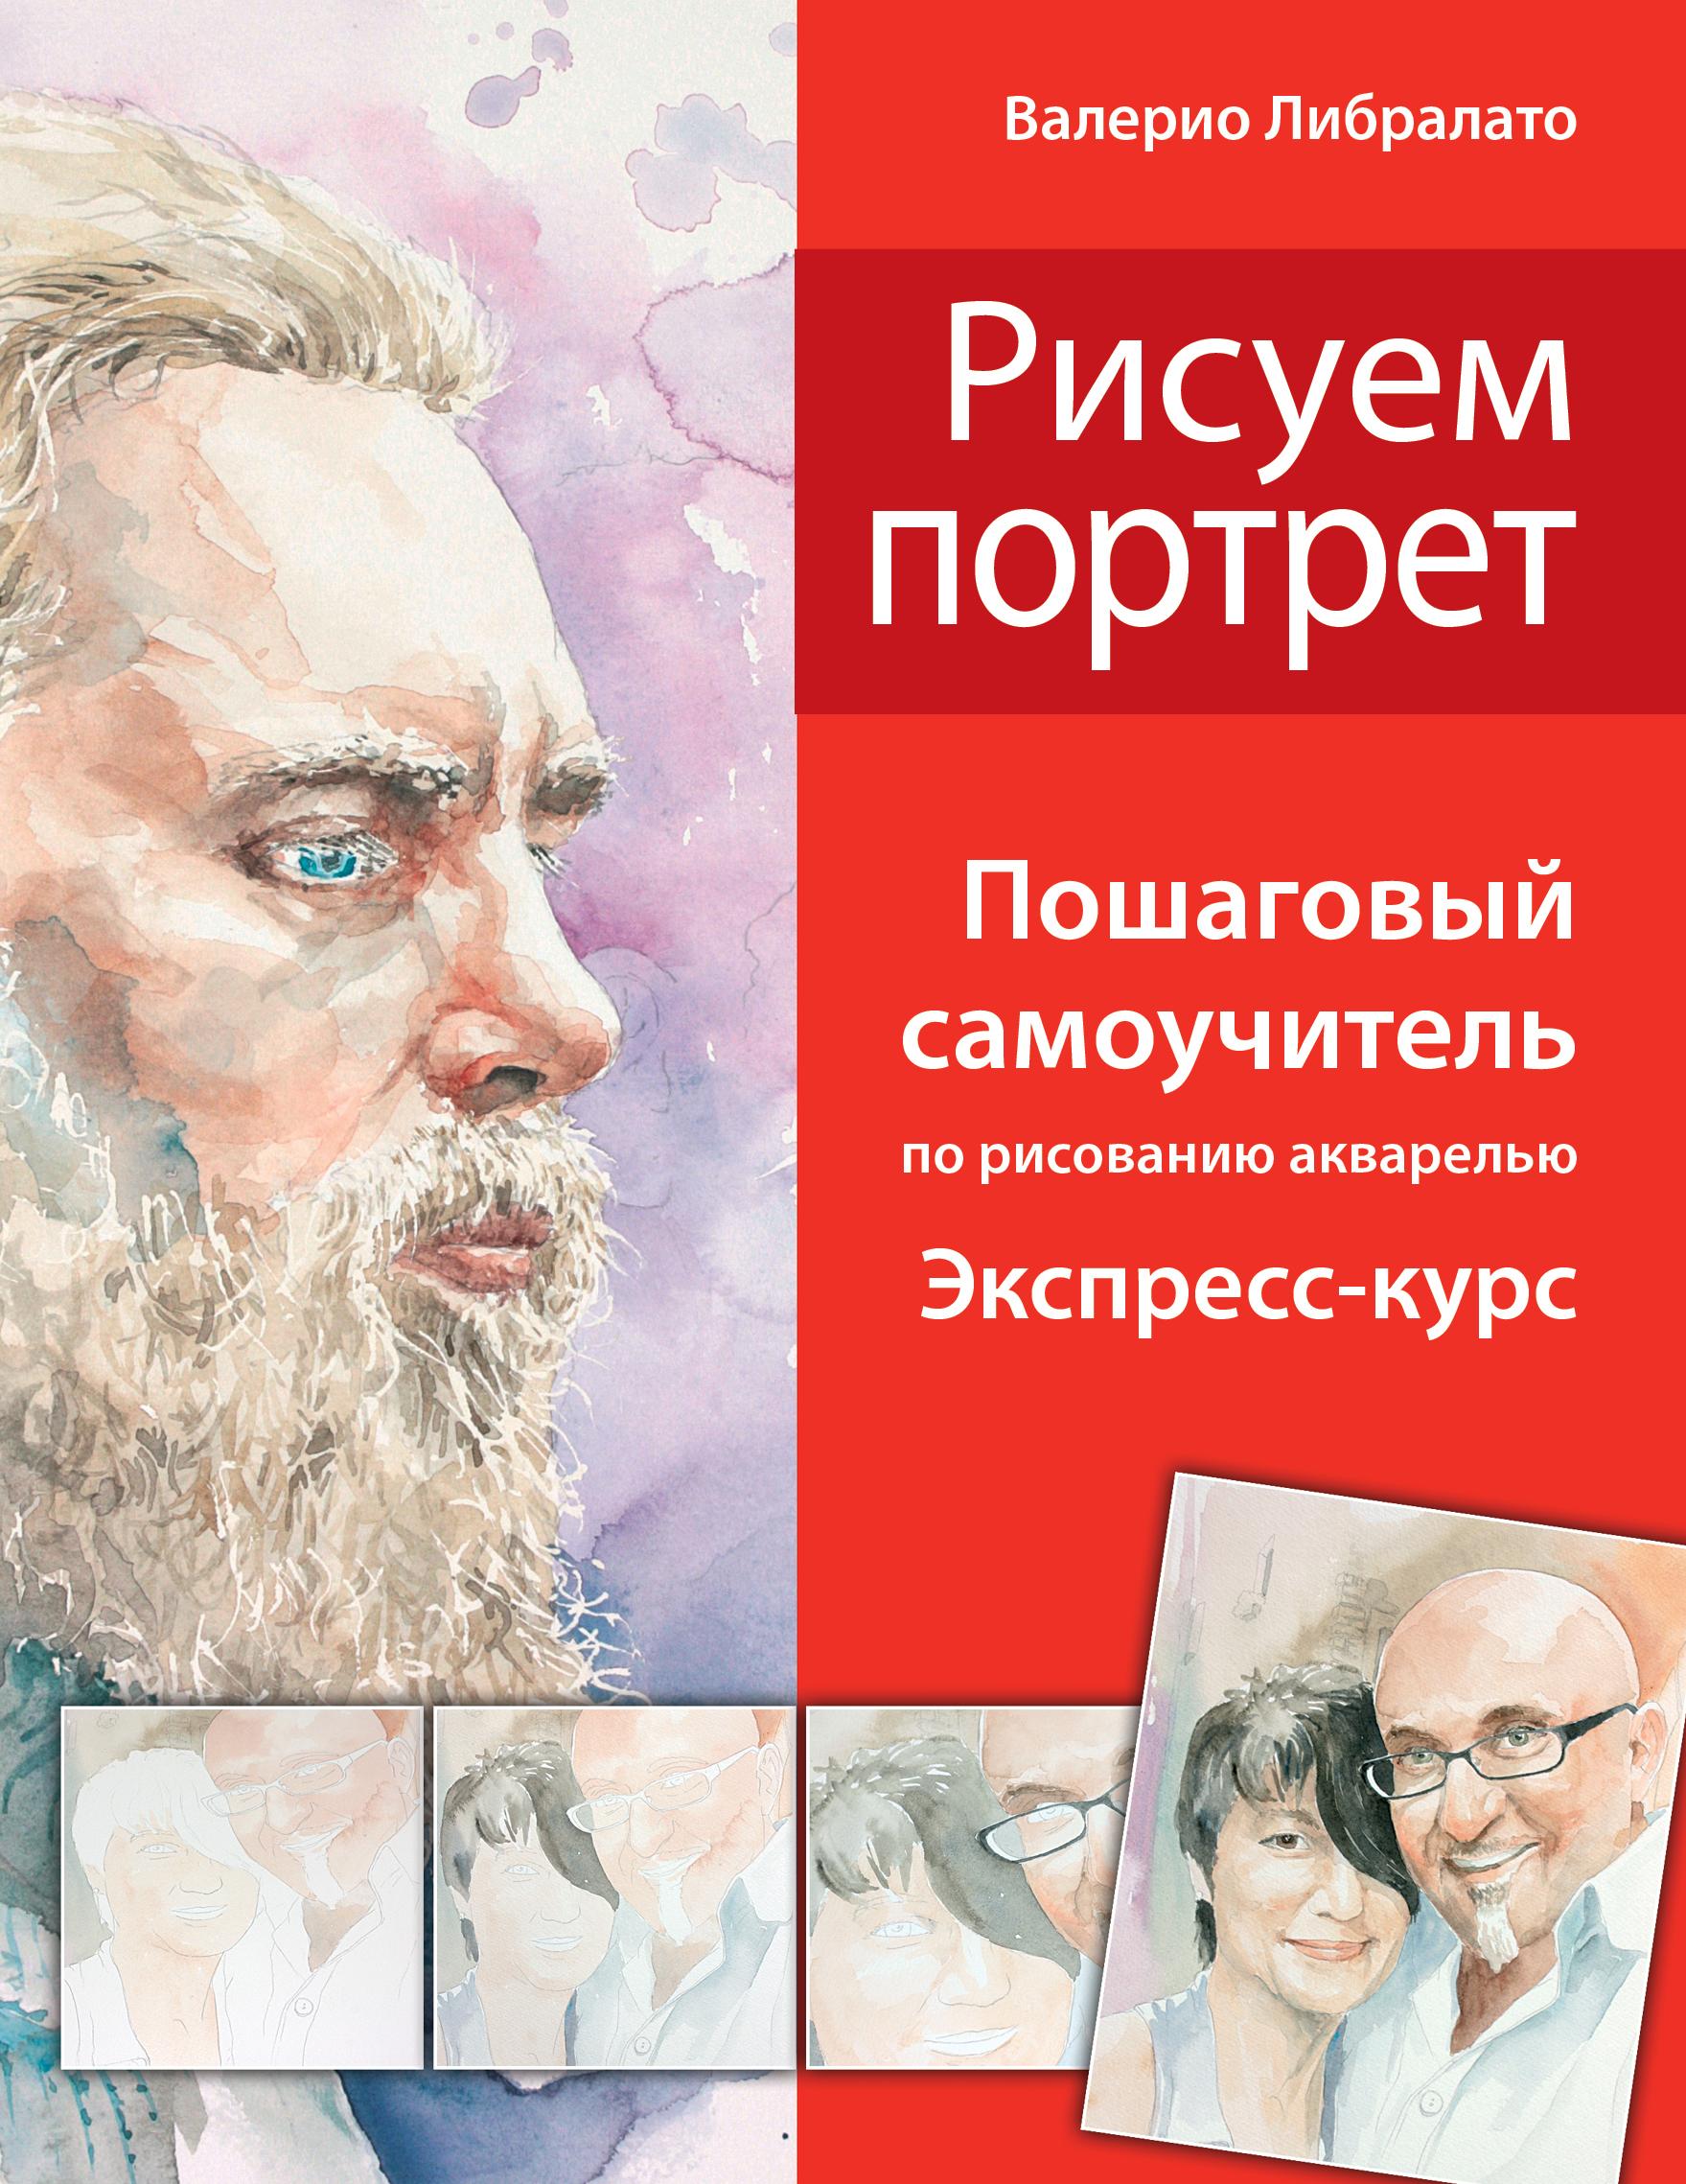 Рисуем портреты. Пошаговый самоучитель по рисованию акварелью. Экспресс-курс